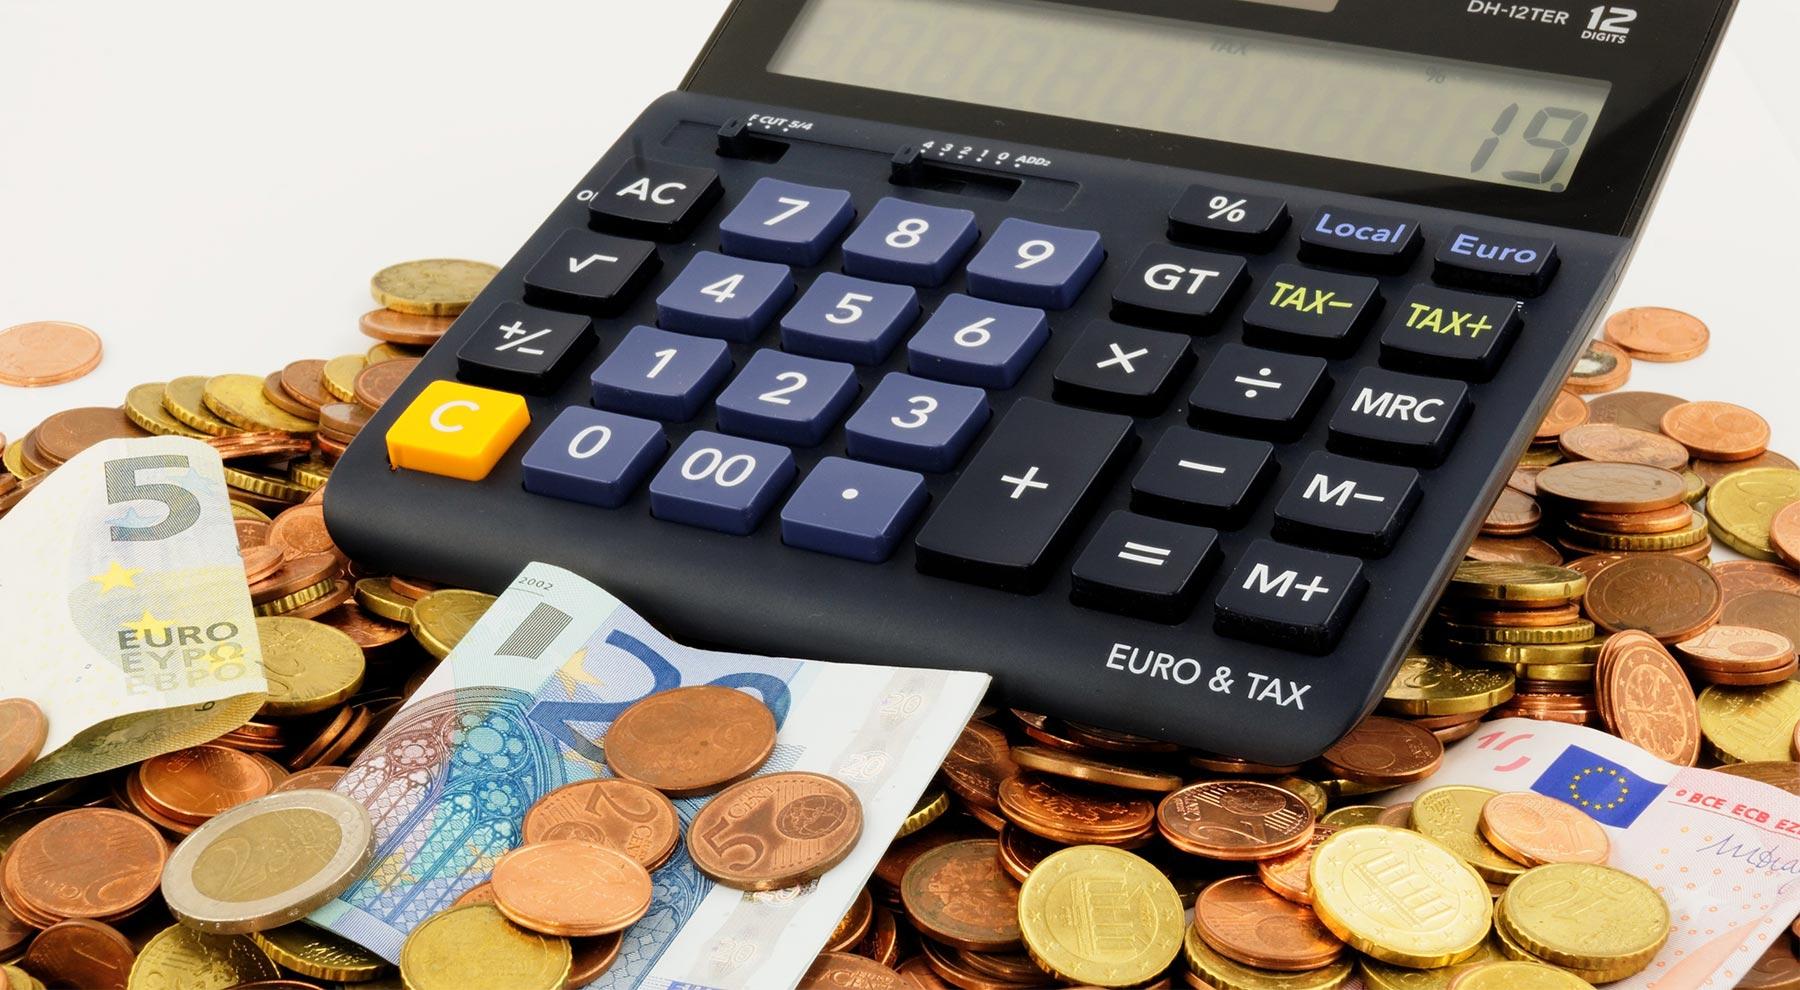 Vérification des factures fournisseurs : comment ne rien laisser passer ?